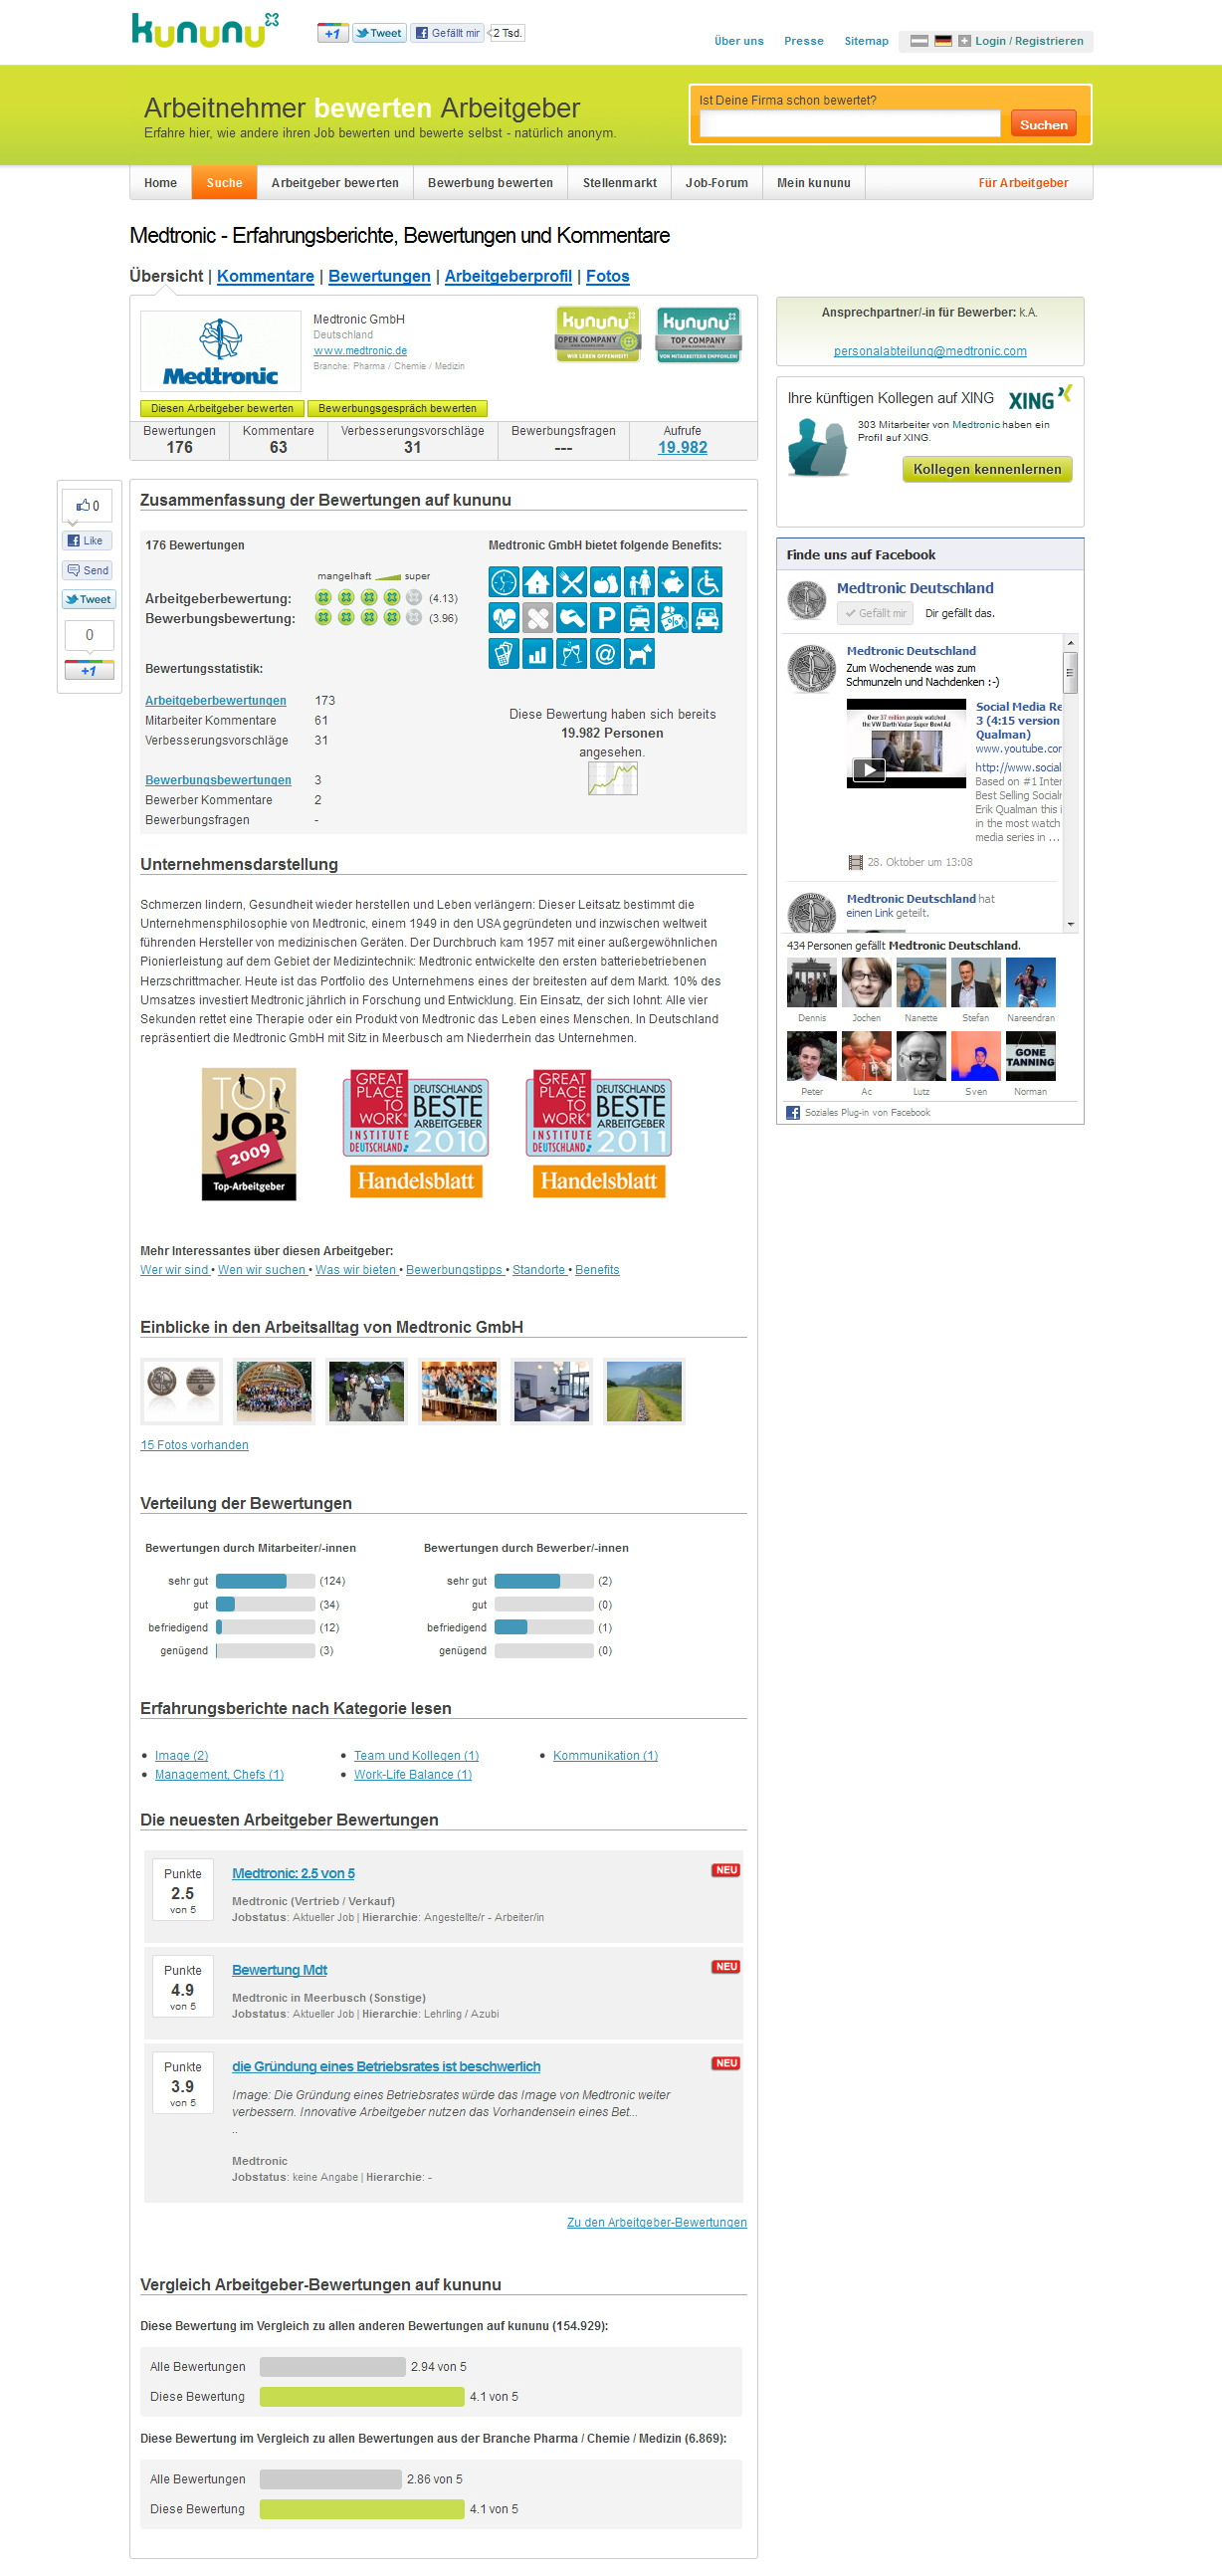 Employer Branding: Arbeitgeberprofil von Medtronic auf kununu